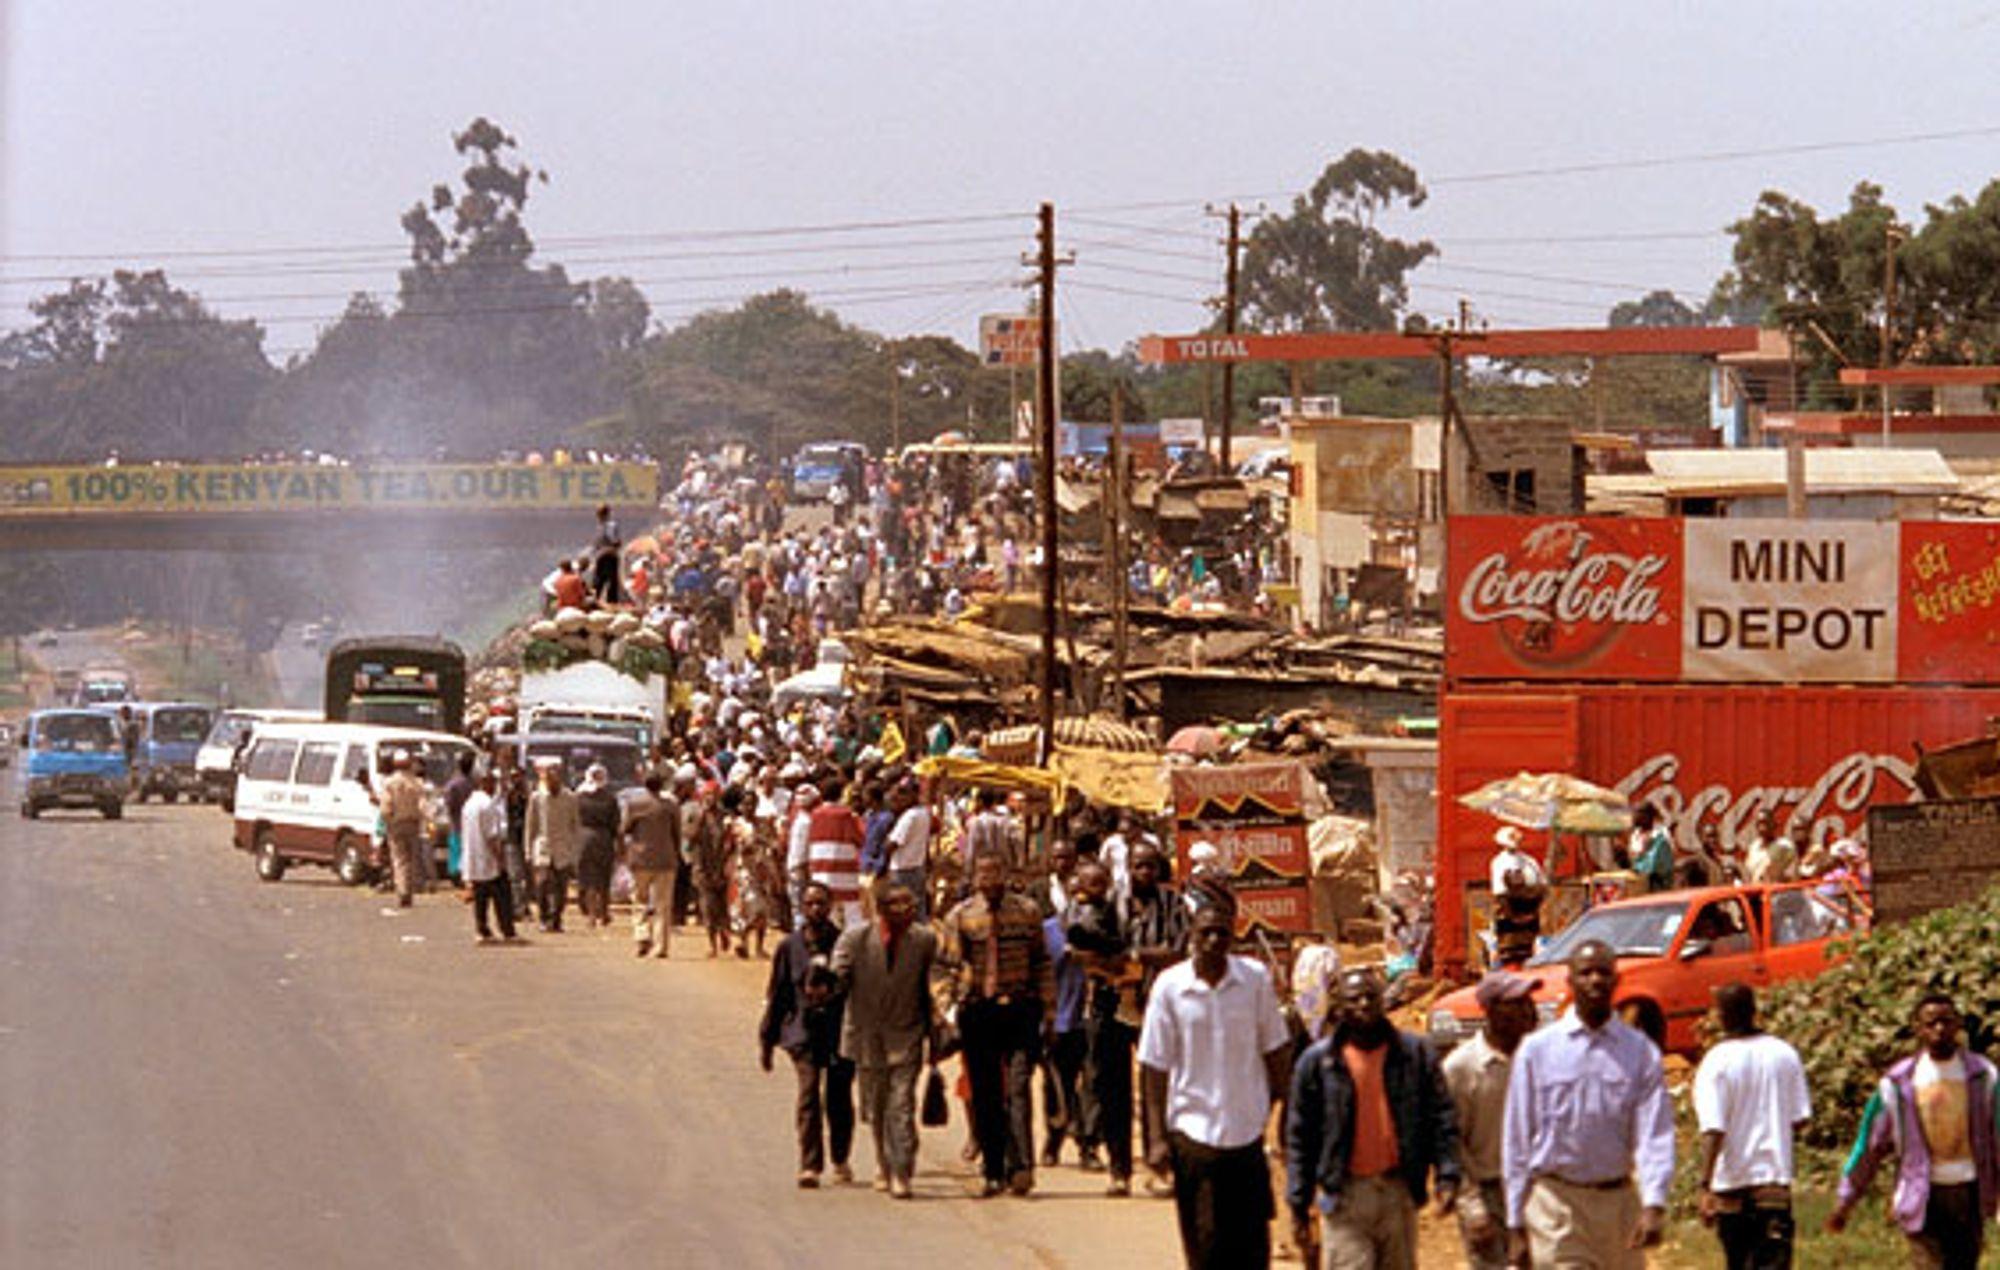 Et ikke uvanlig syn langs veiene i Østafrika.